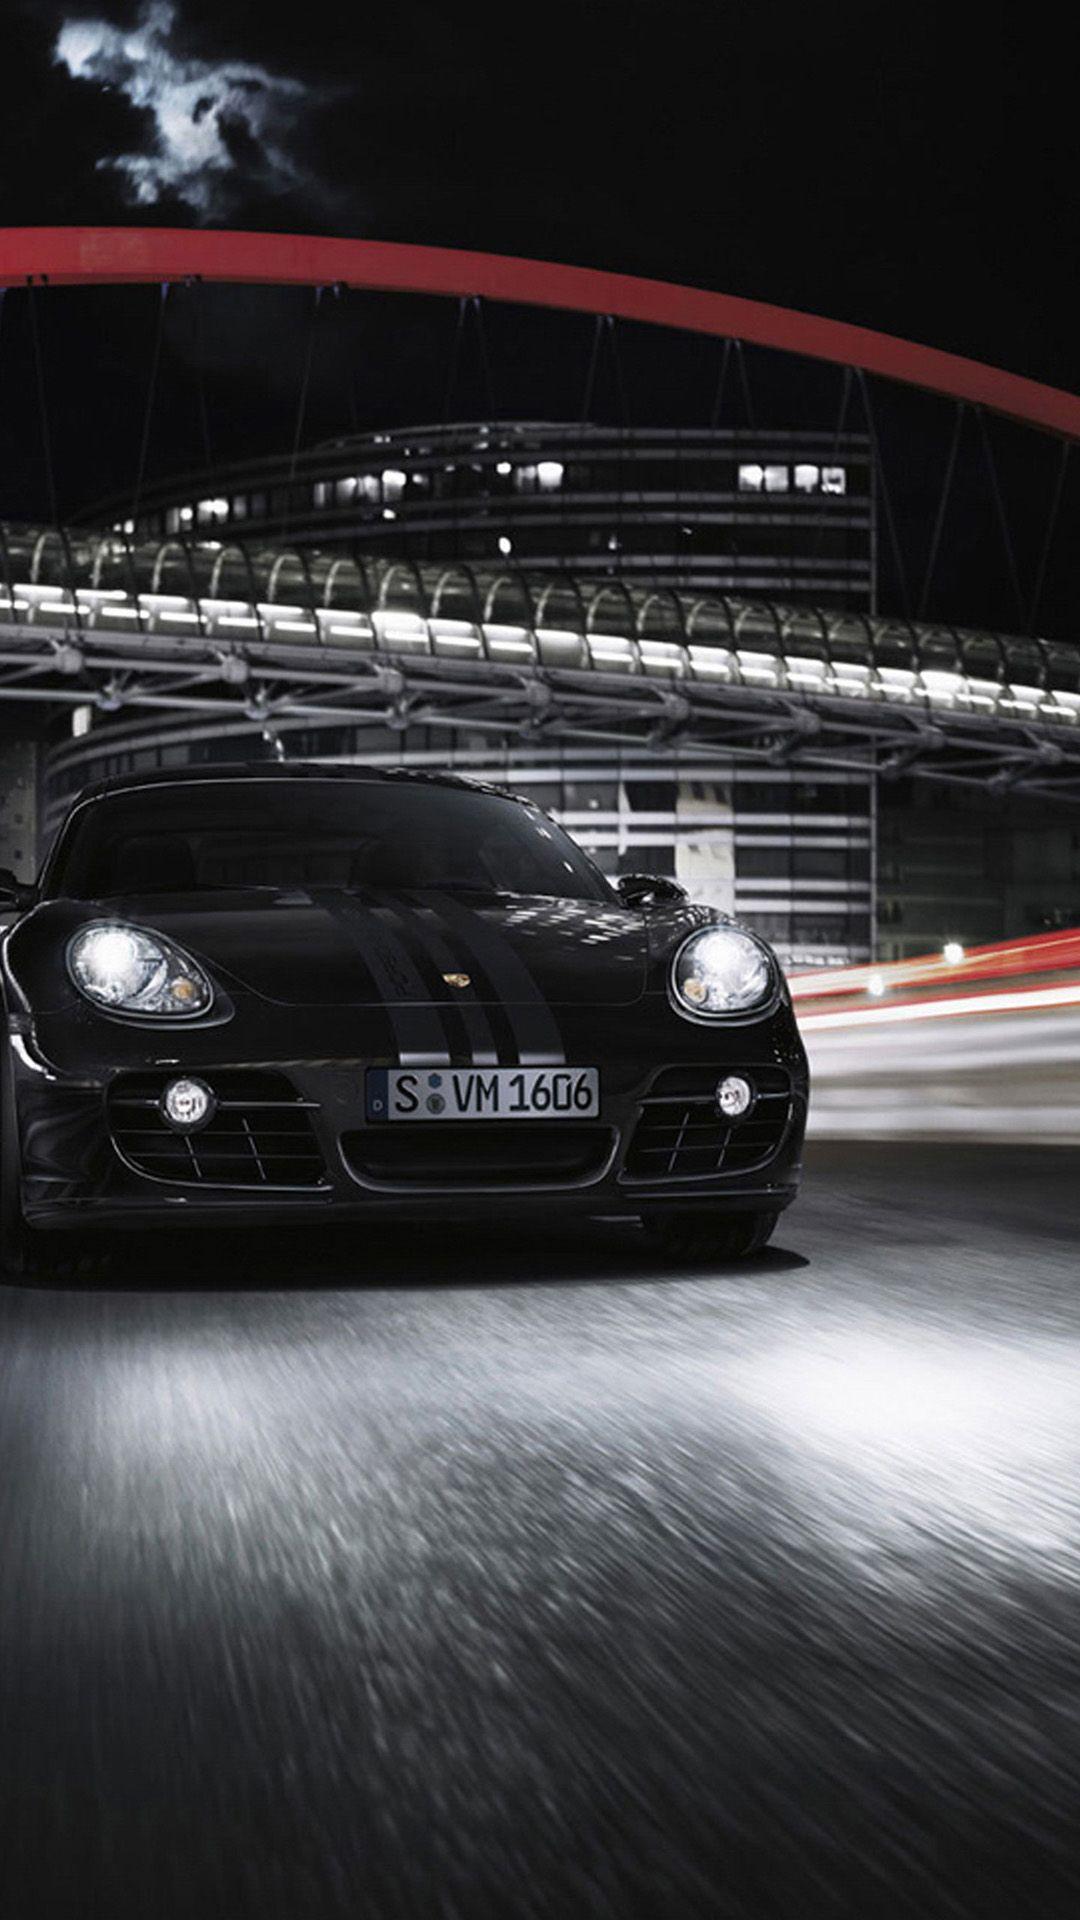 Porsche iPhone 6 Wallpaper 乗り物